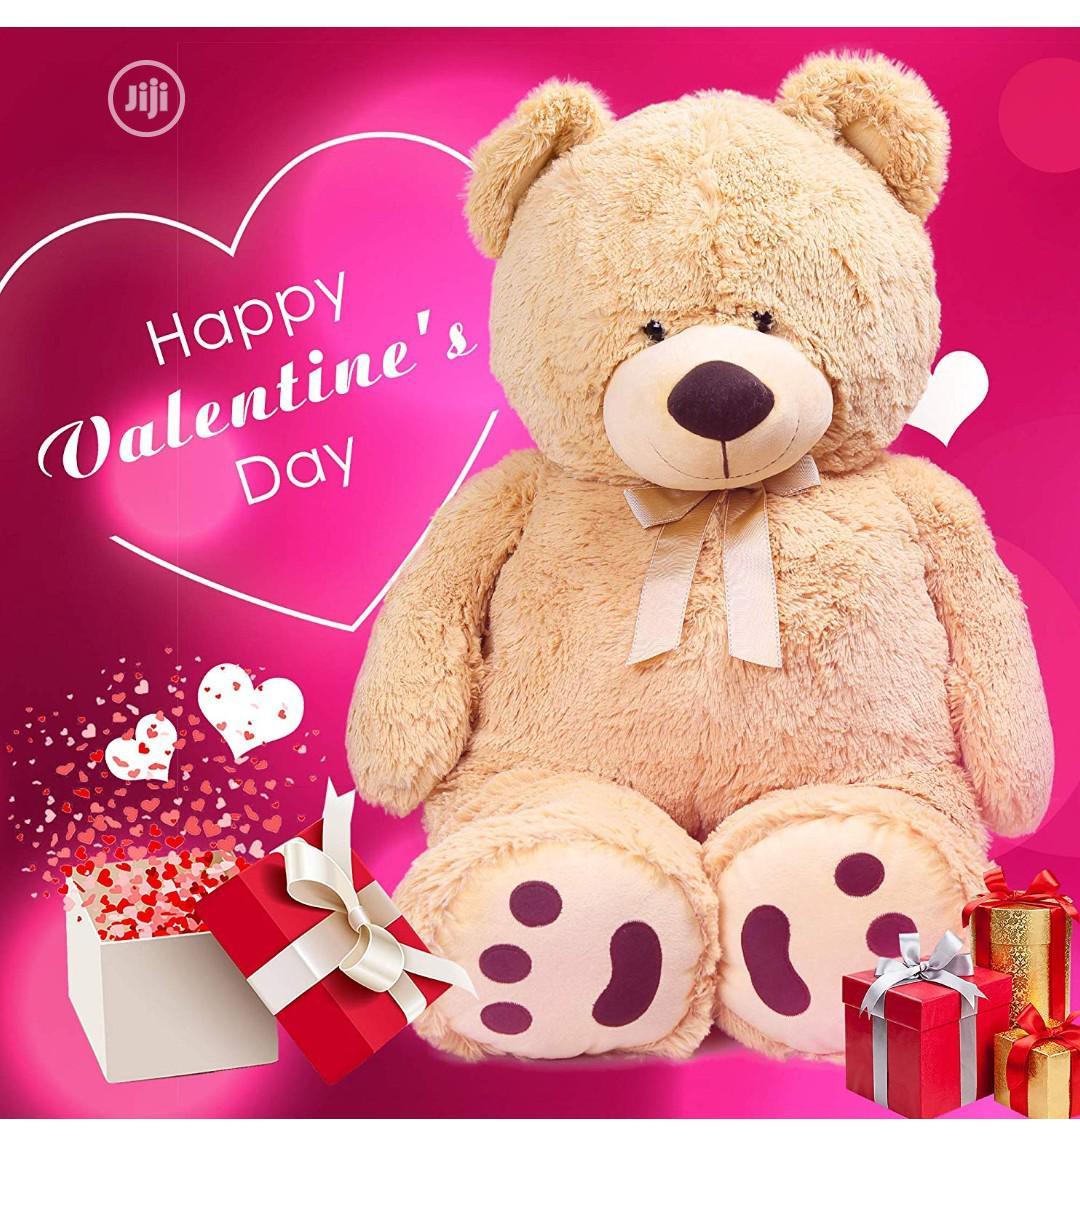 Extra Large Teddy Bear, Giant Teddy, Big Teddy, Valentine Packagr